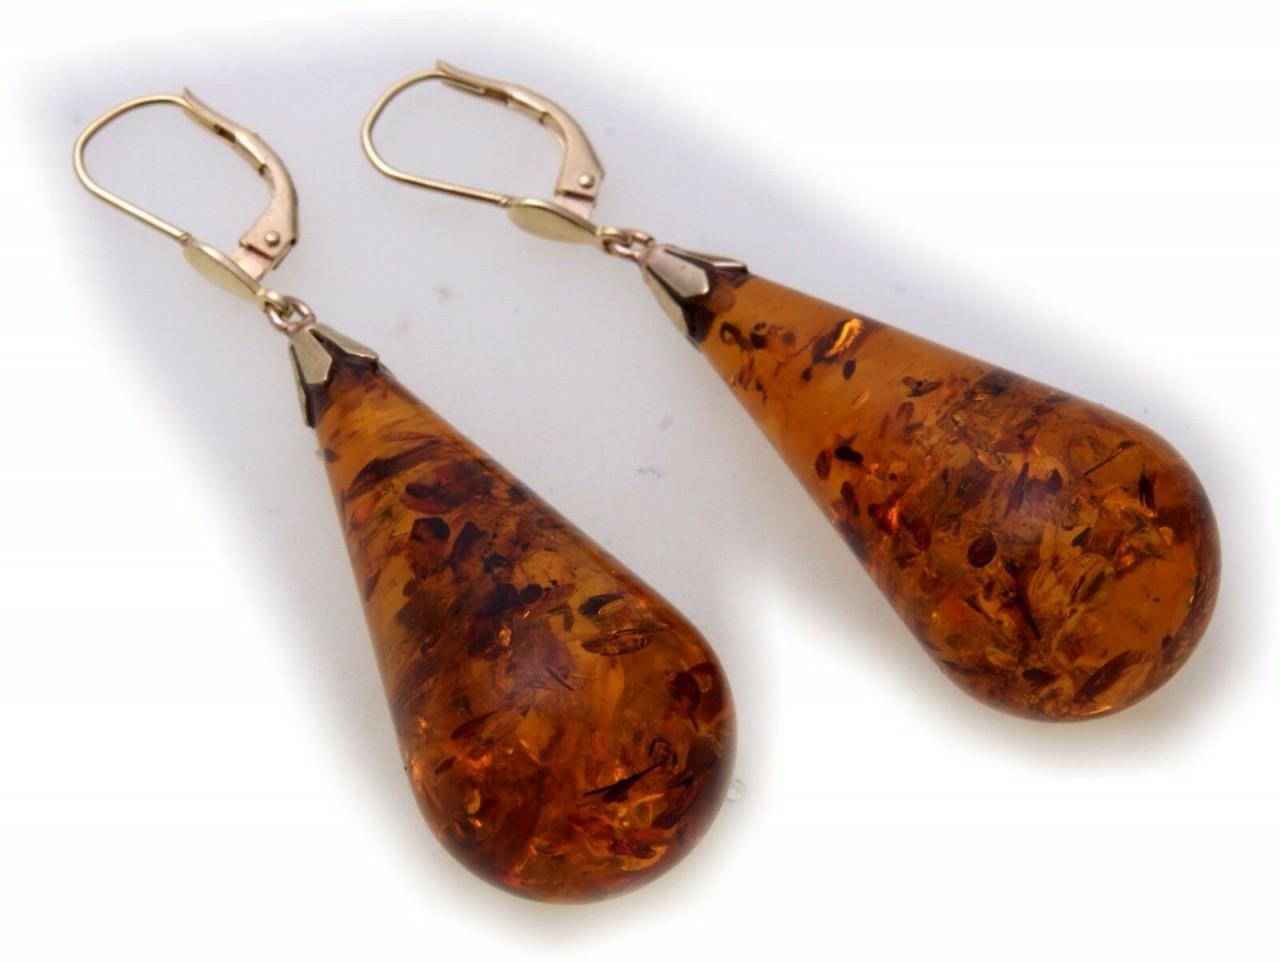 Neu Ohrringe Hänger echt Bernstein Tropfen Pampel groß Gold 585 36 mm Gelbgold